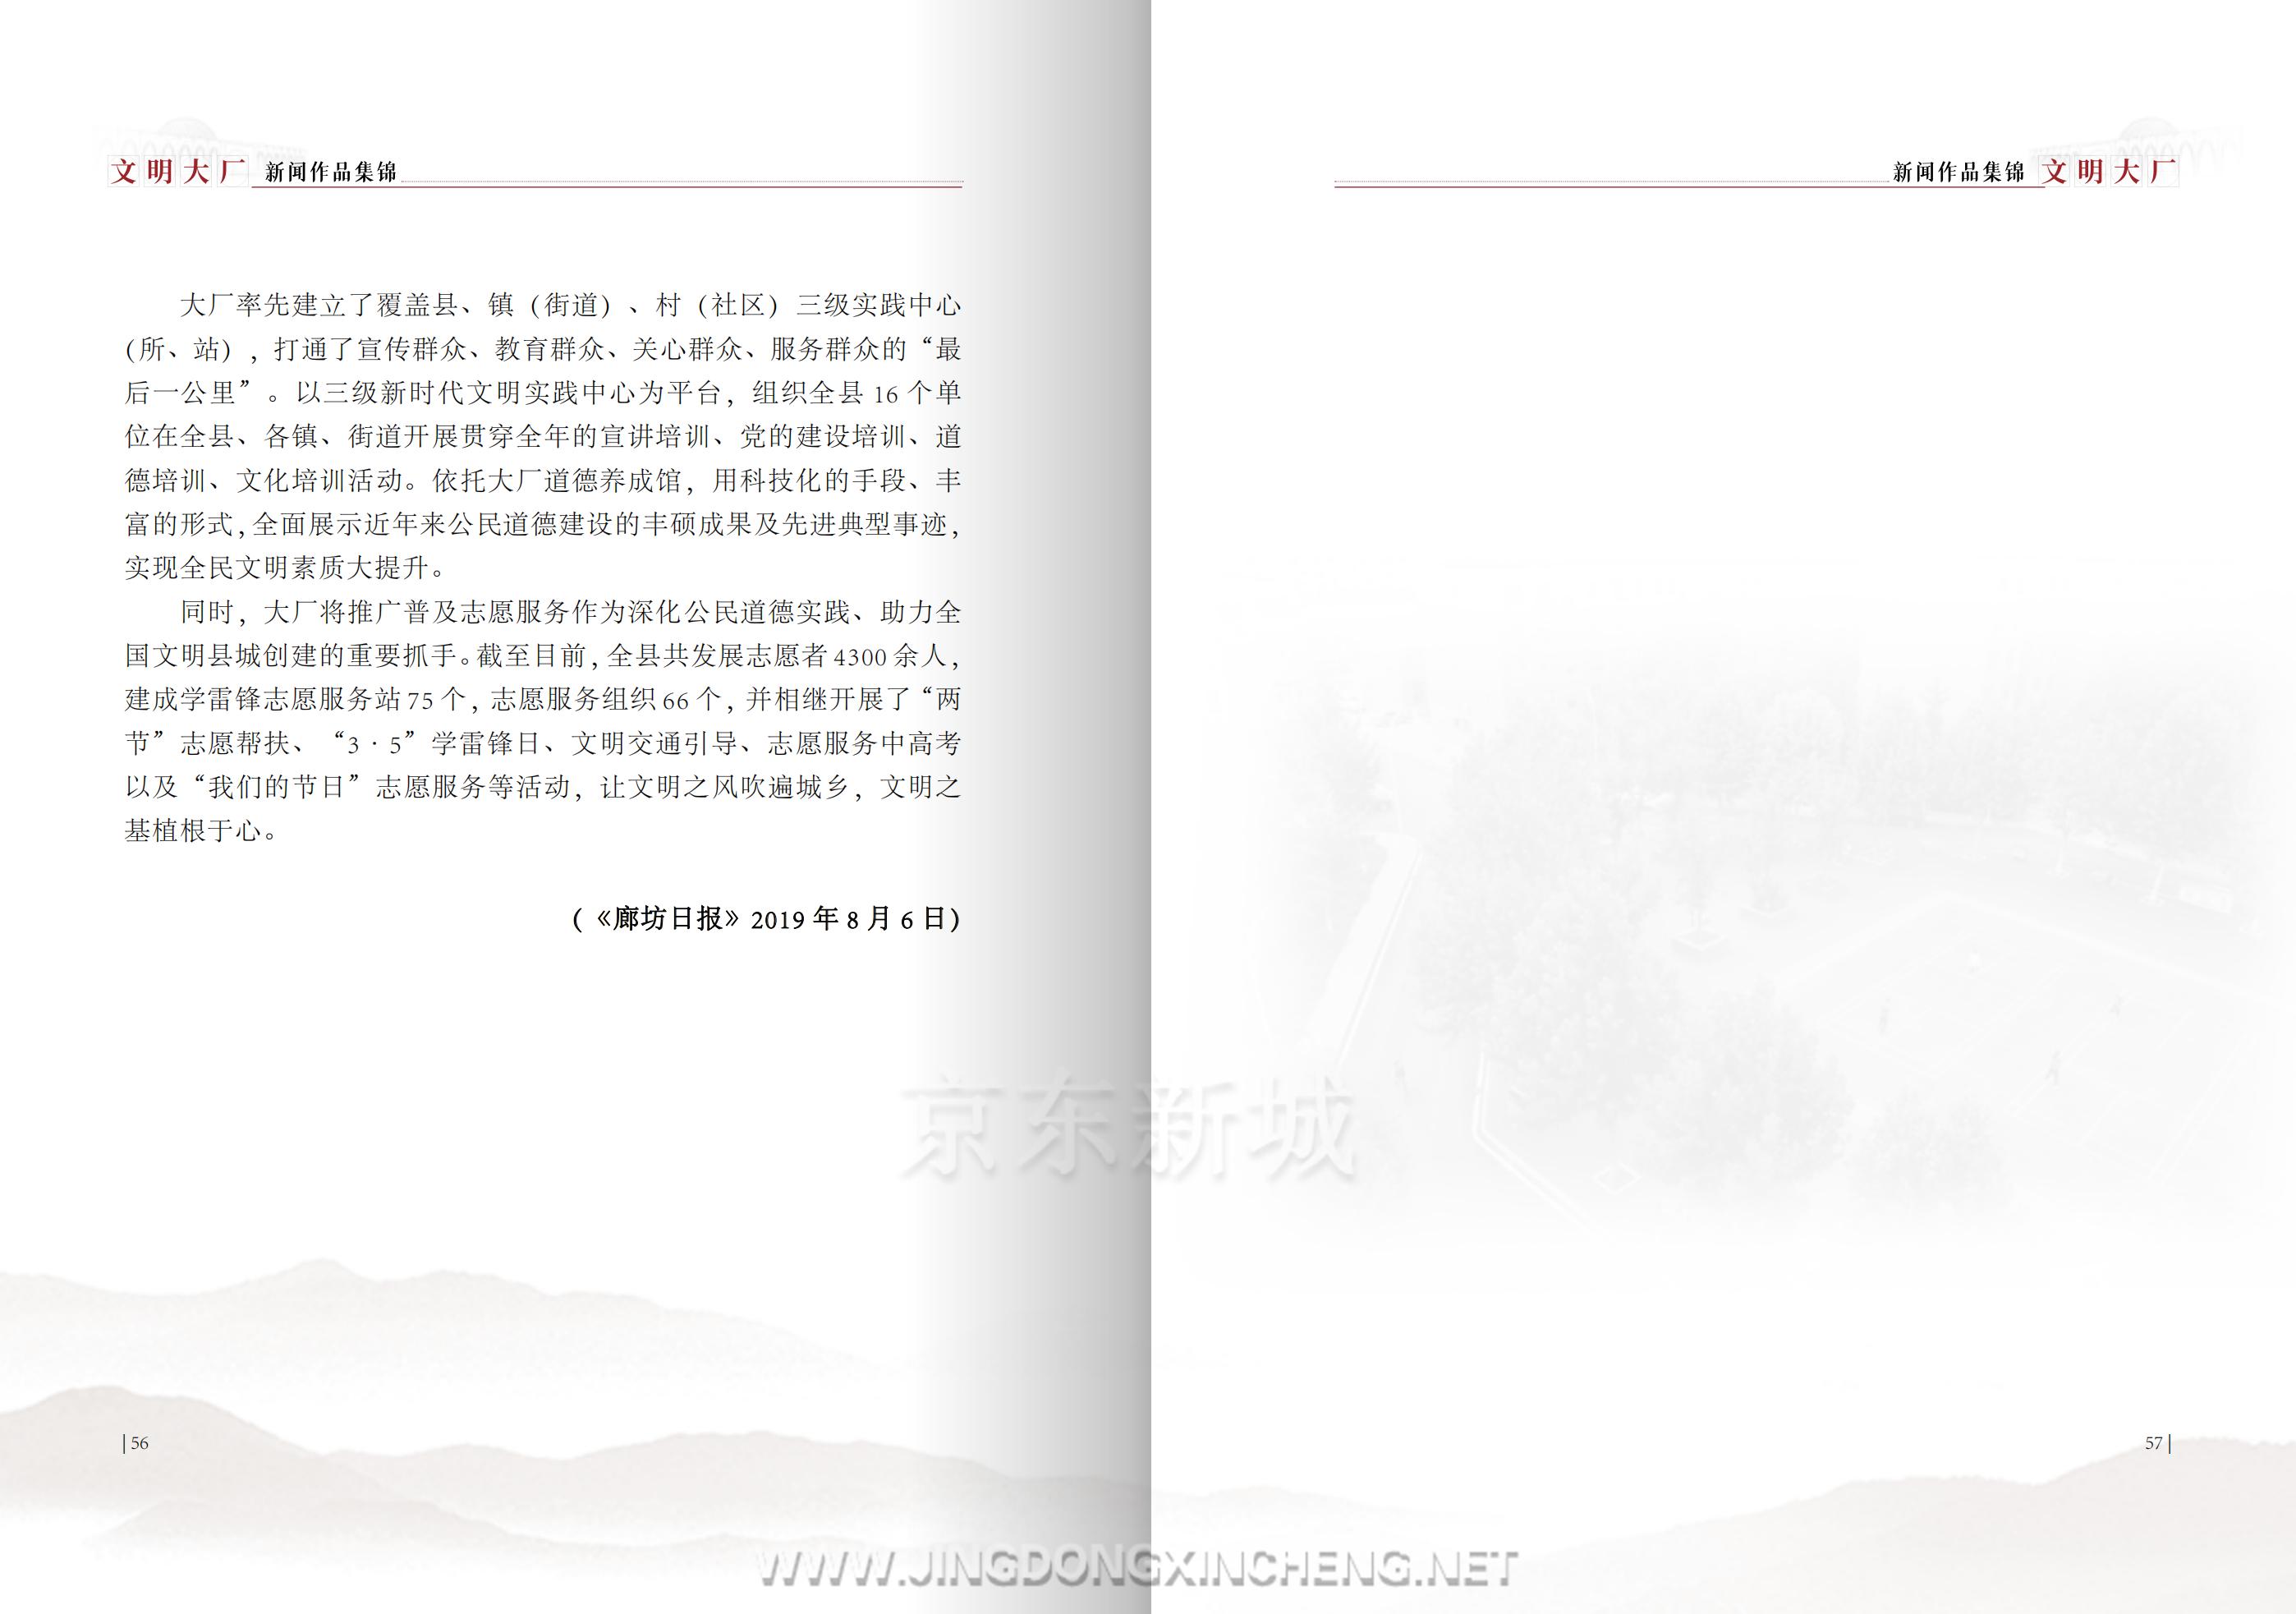 文明大厂书籍-定稿-上传版_32.png